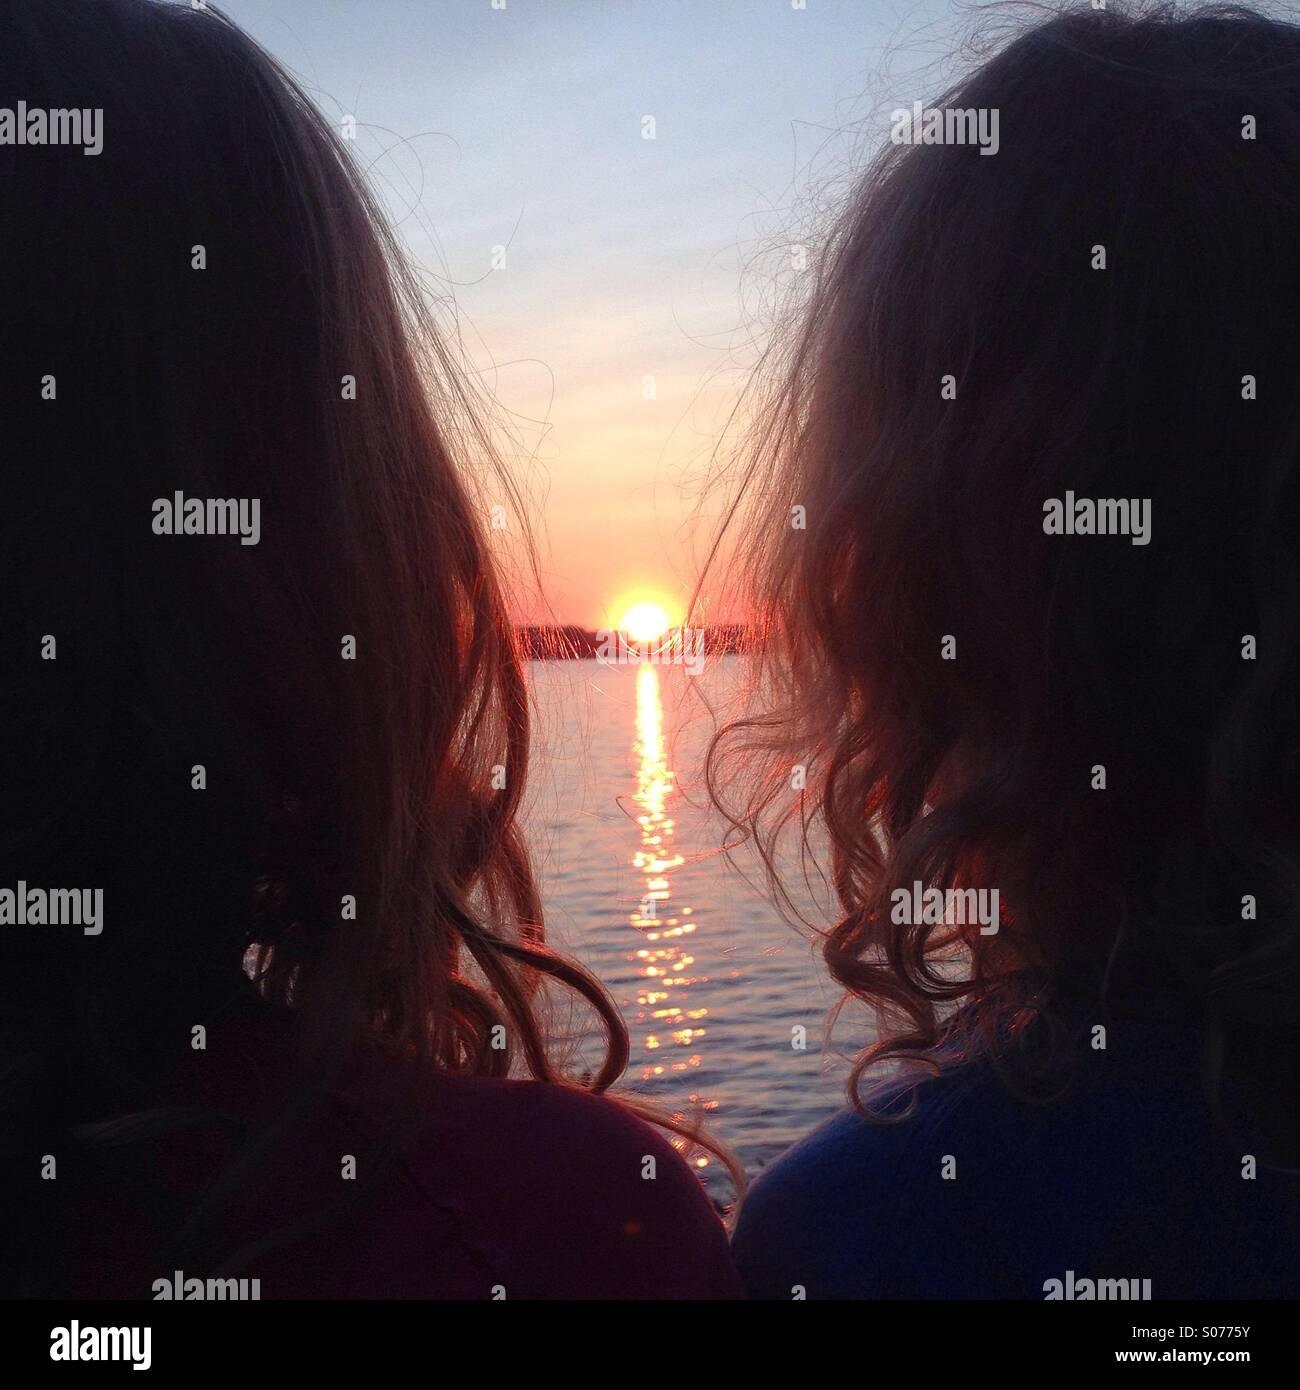 Deux frères et sœurs à contempler le soleil de minuit dans le nord de la Finlande Photo Stock